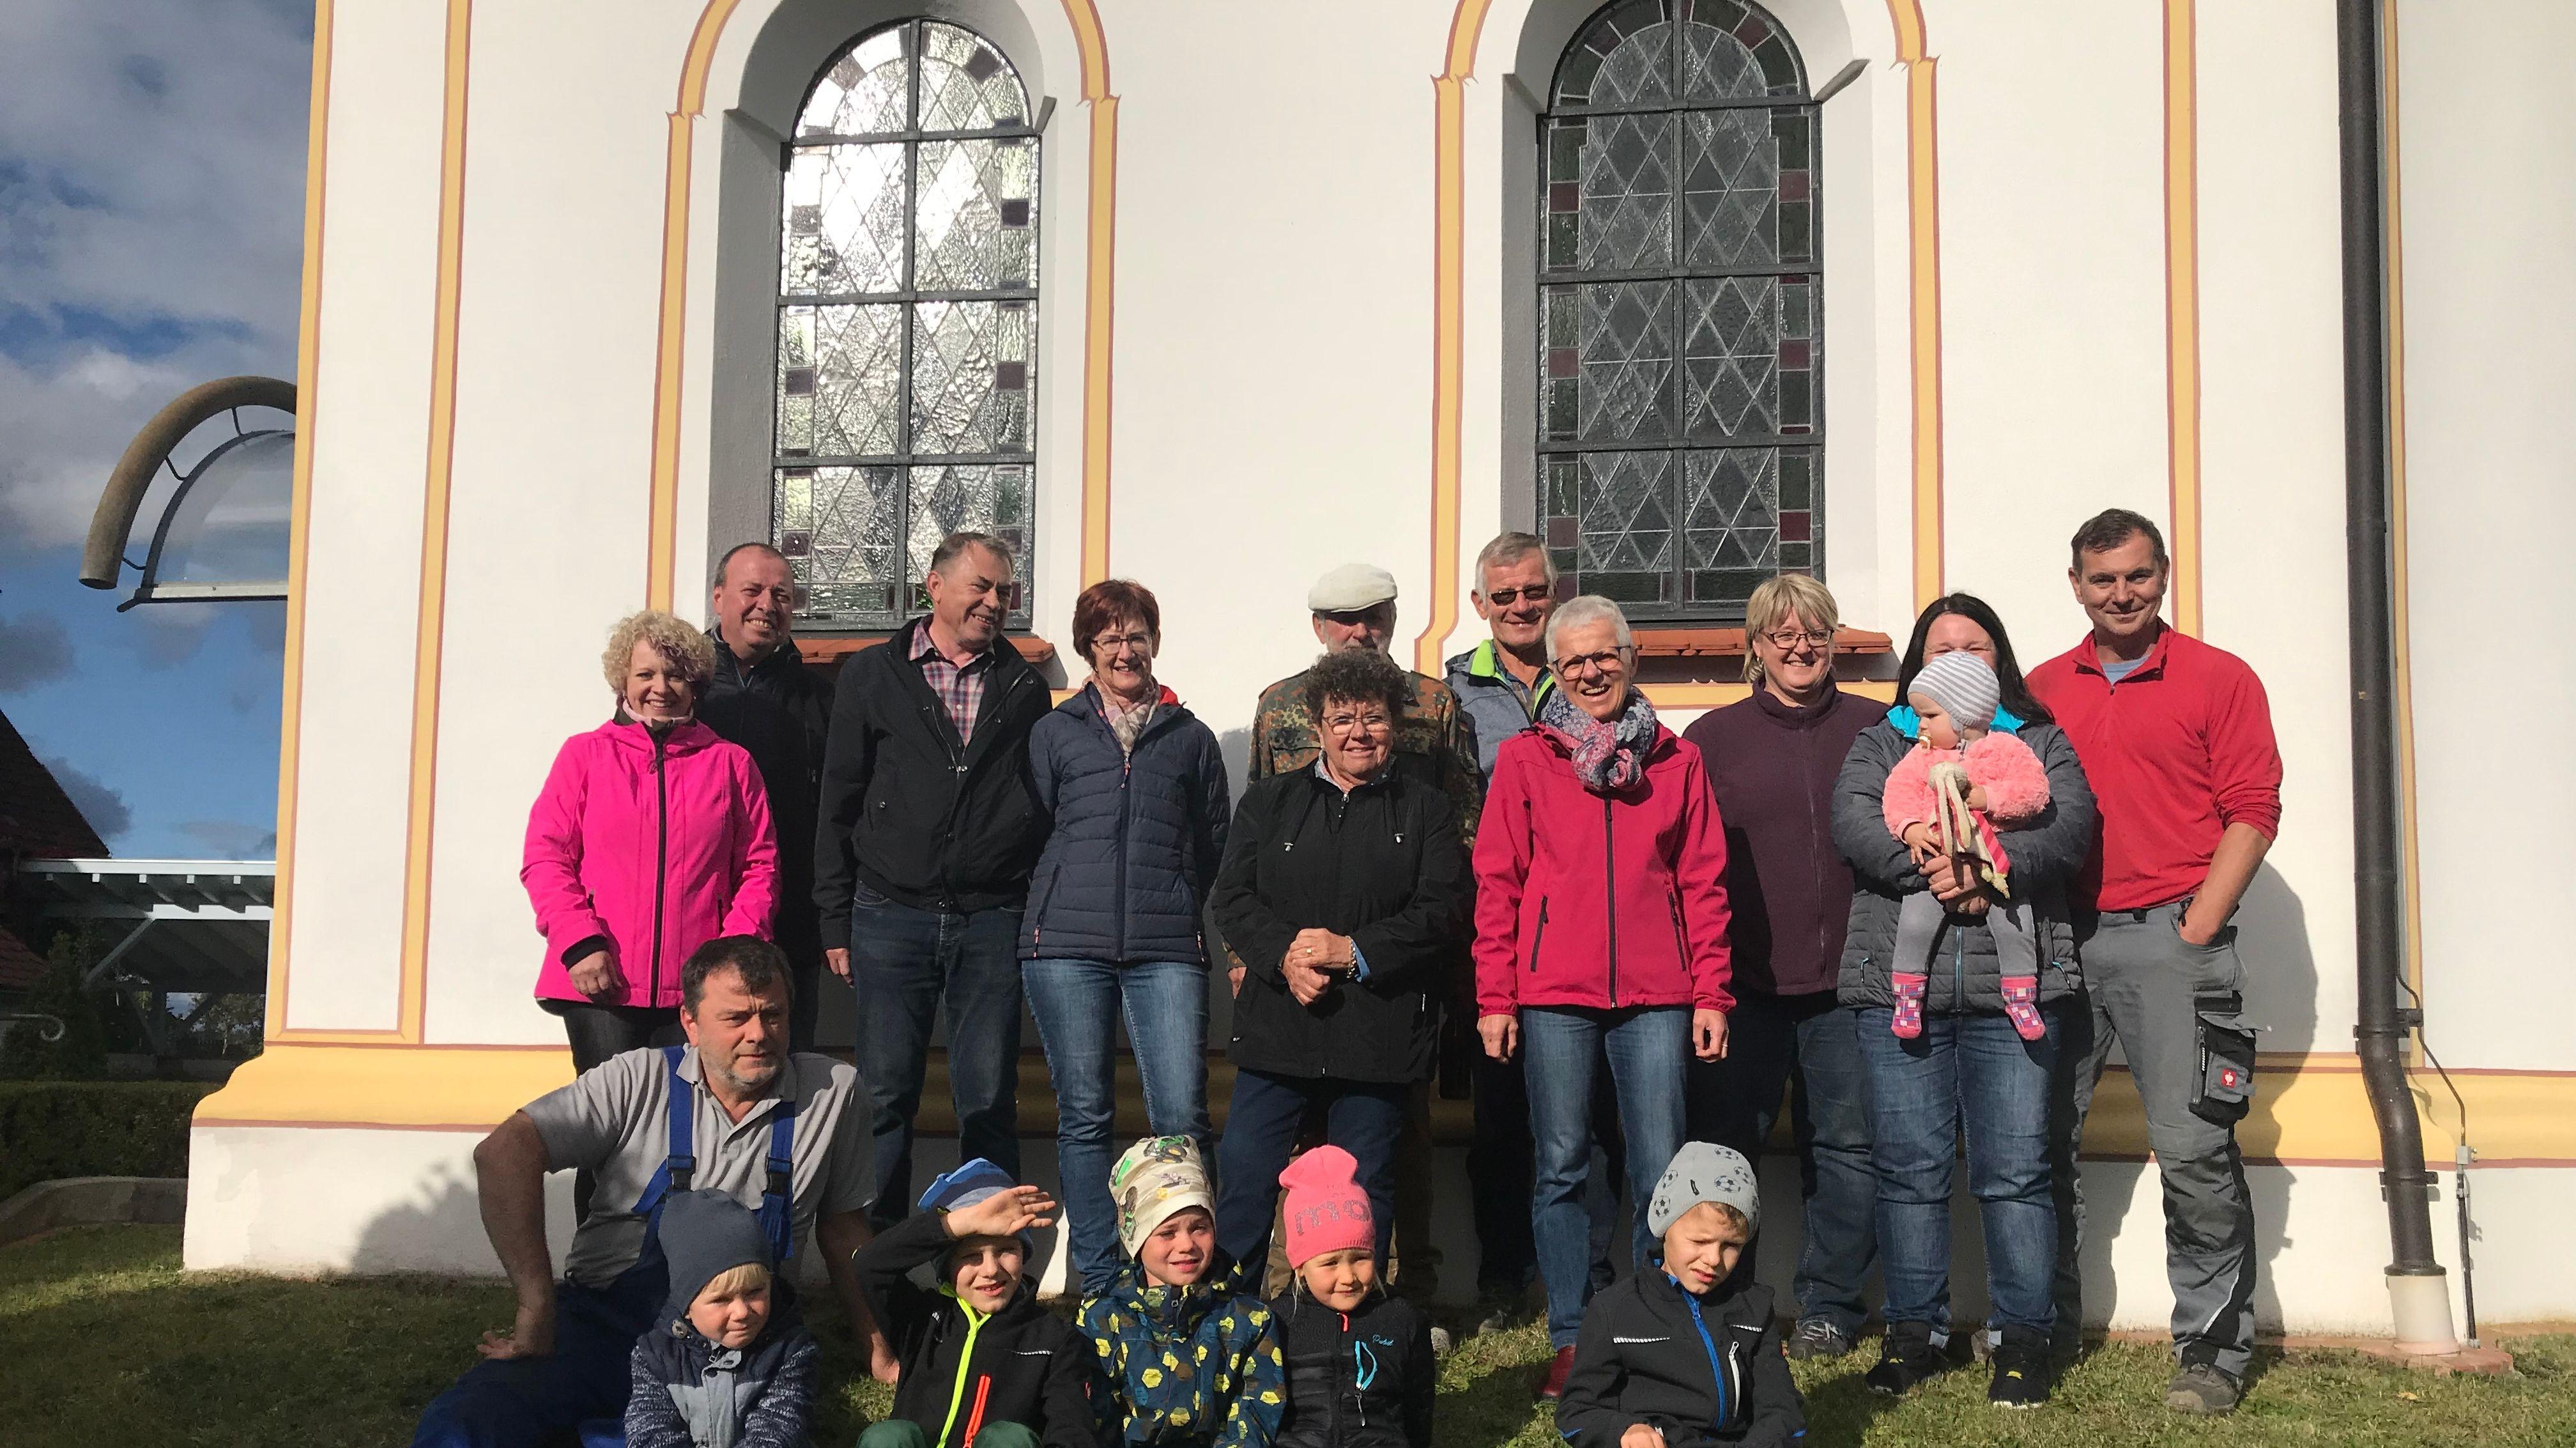 Erwachsene und Kinder vor der St. Franziskus Kapelle